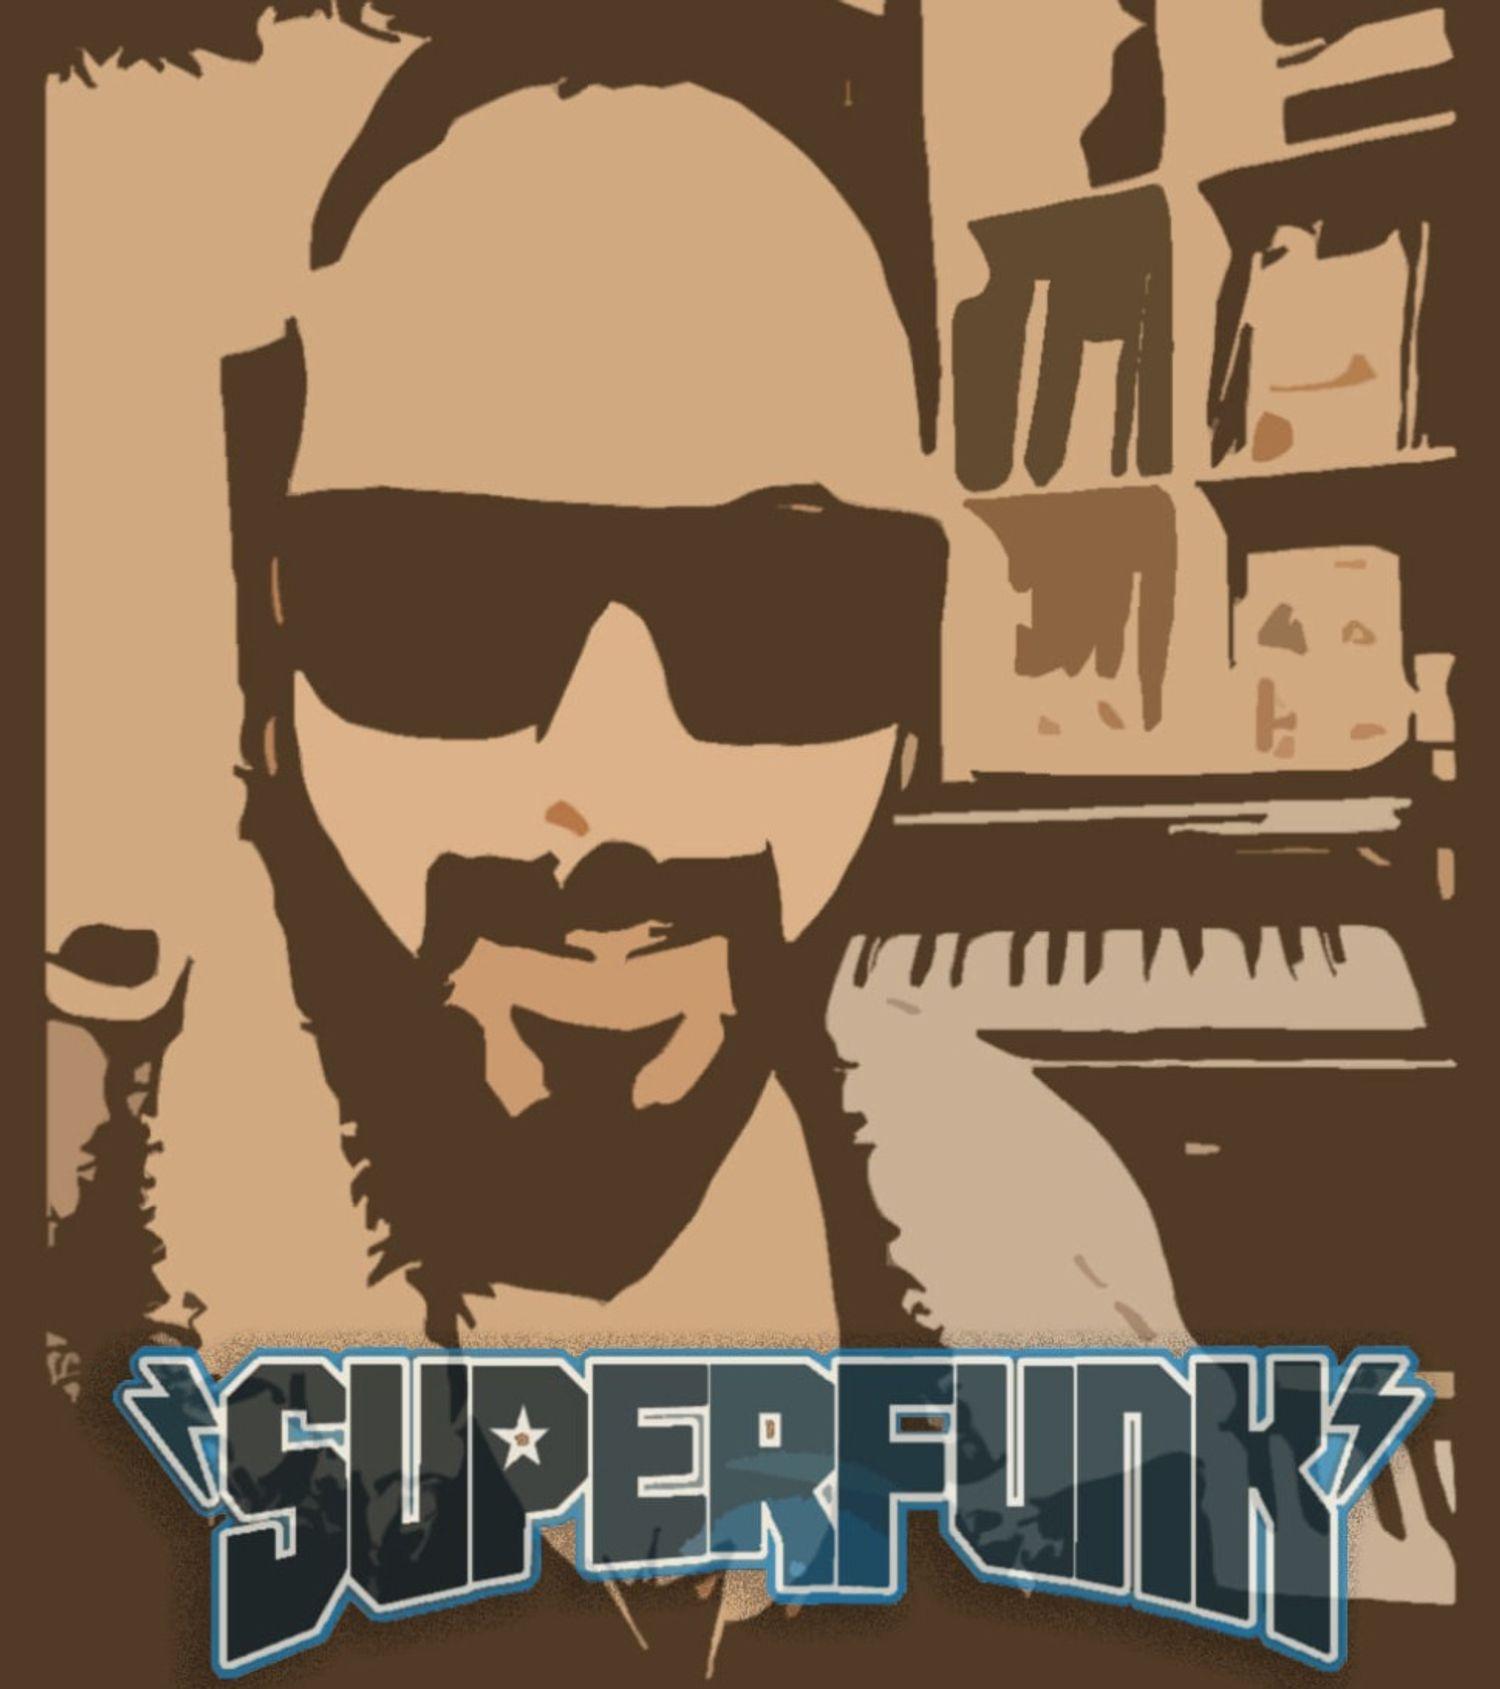 Superfunk est de retour avec New York City, son nouvel EP disco funk